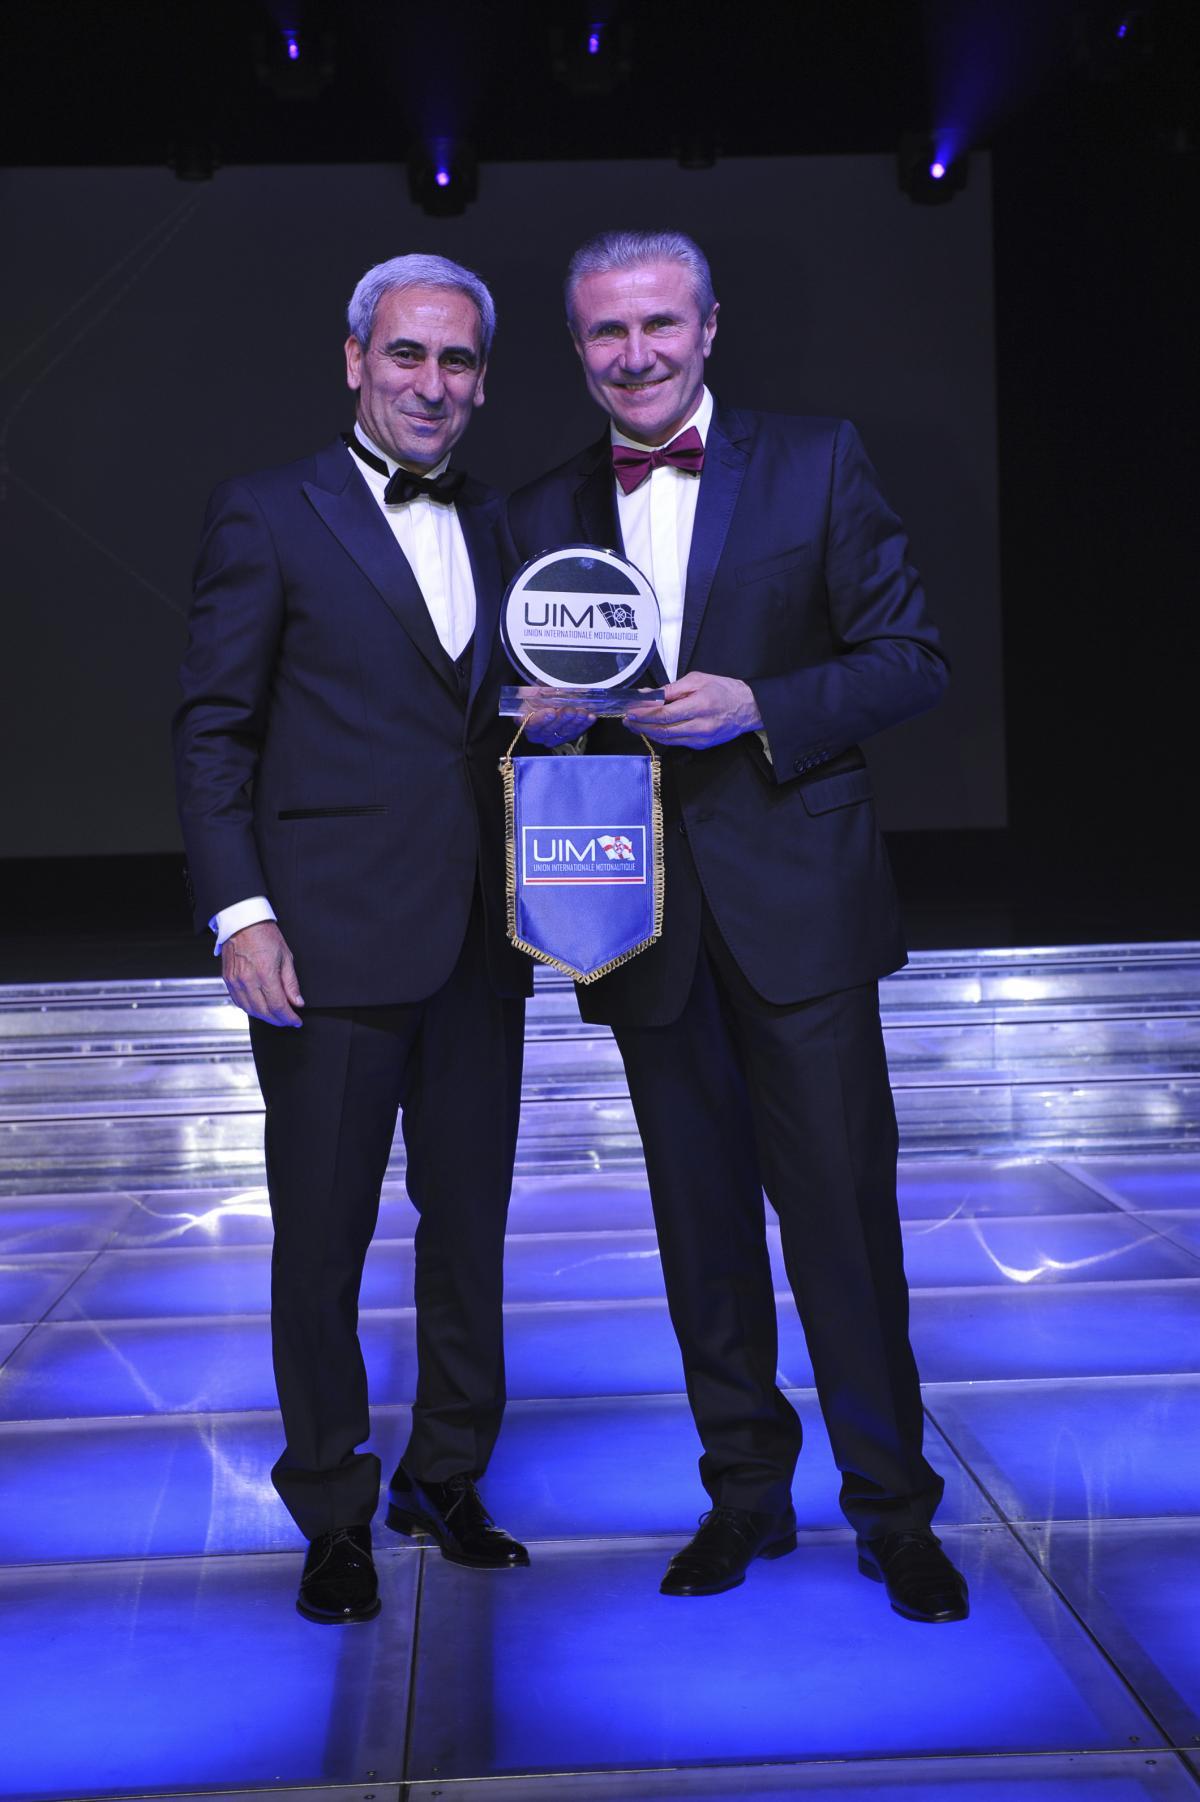 Бубка отримав почесну нагороду UIM / noc-ukr.org